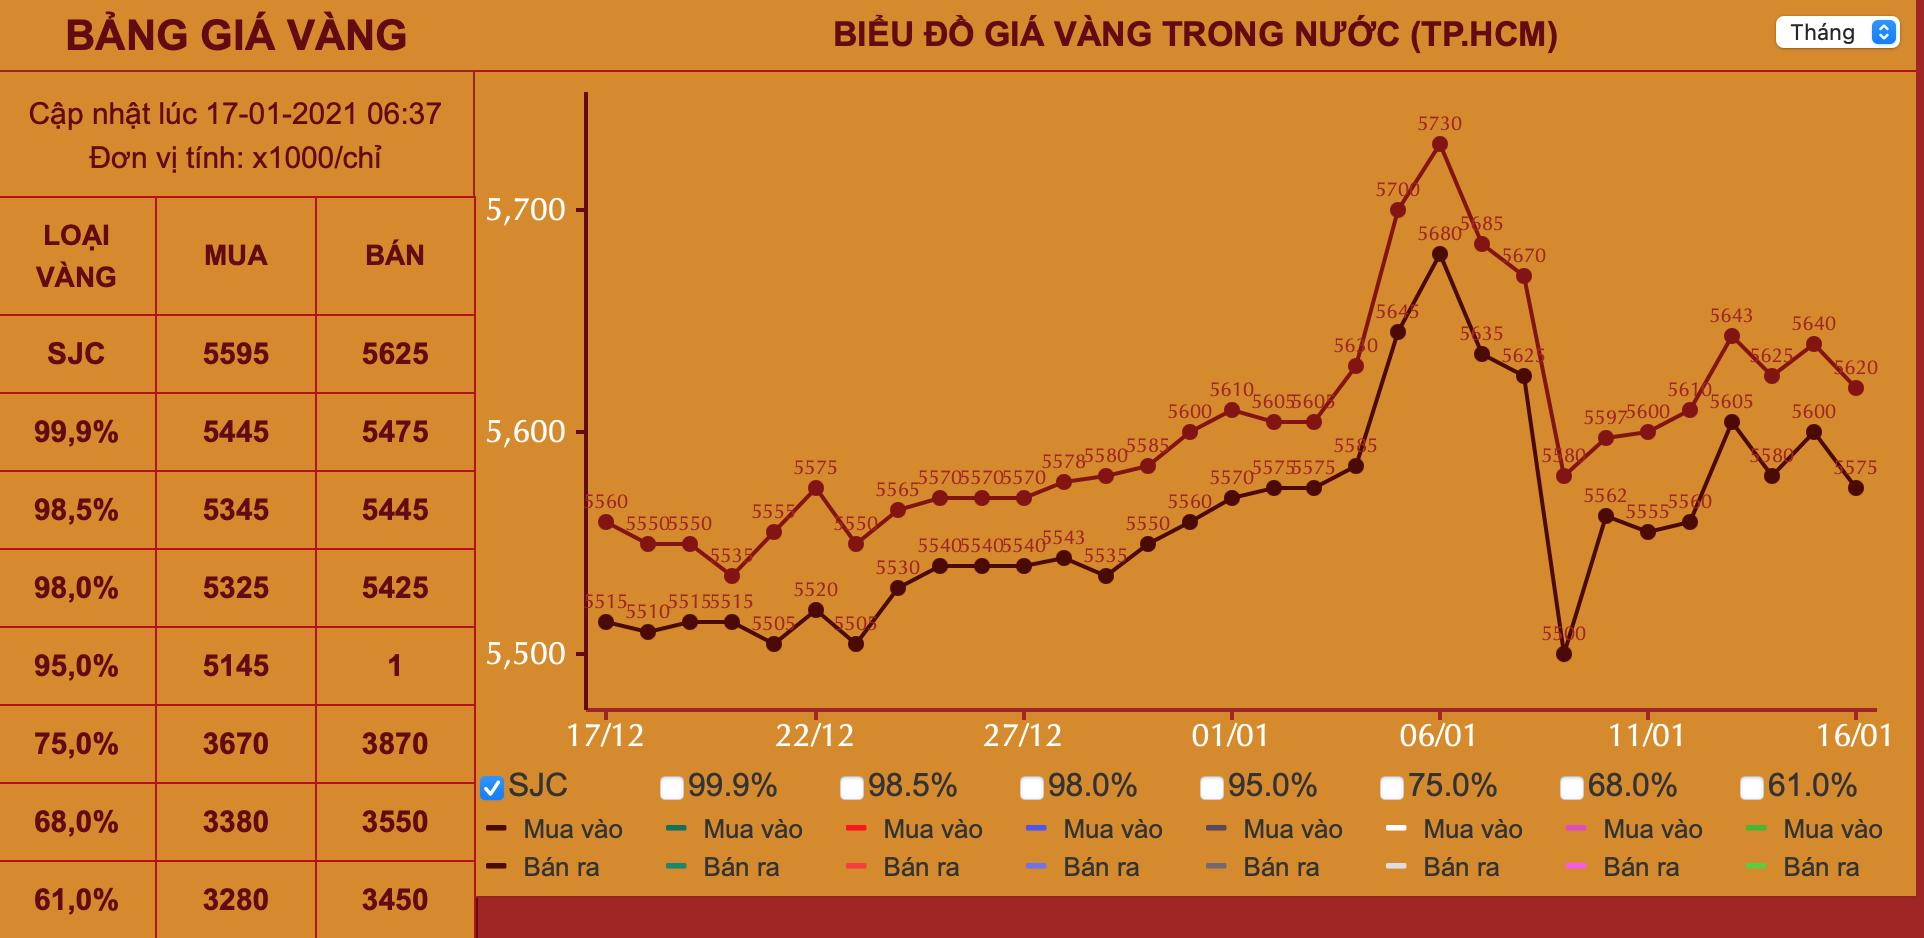 Giá vàng hôm nay 17/1: Nhà đầu tư bán tháo mạnh, vàng giảm 0,3% so với tuần trước - Ảnh 3.